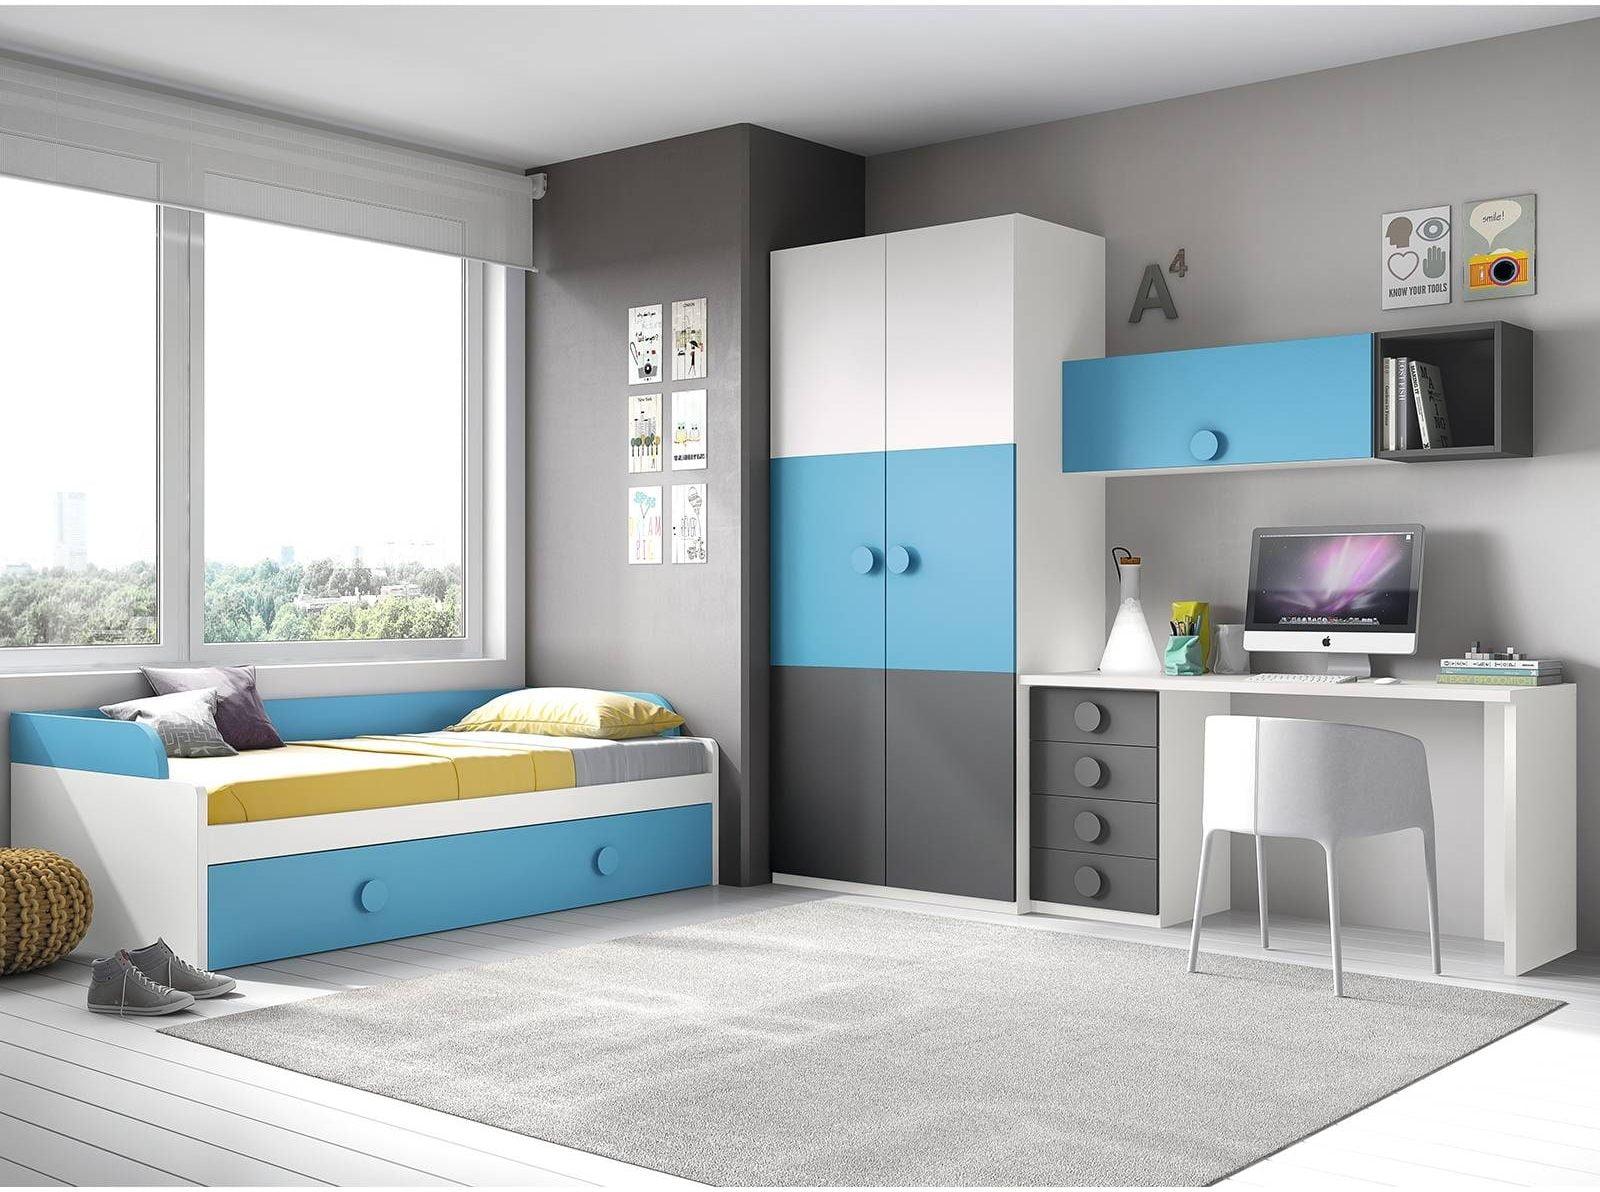 Los 5 mejores dormitorios juveniles con cama nido en merkamueble prodecoracion - Dormitorios juveniles merkamueble ...